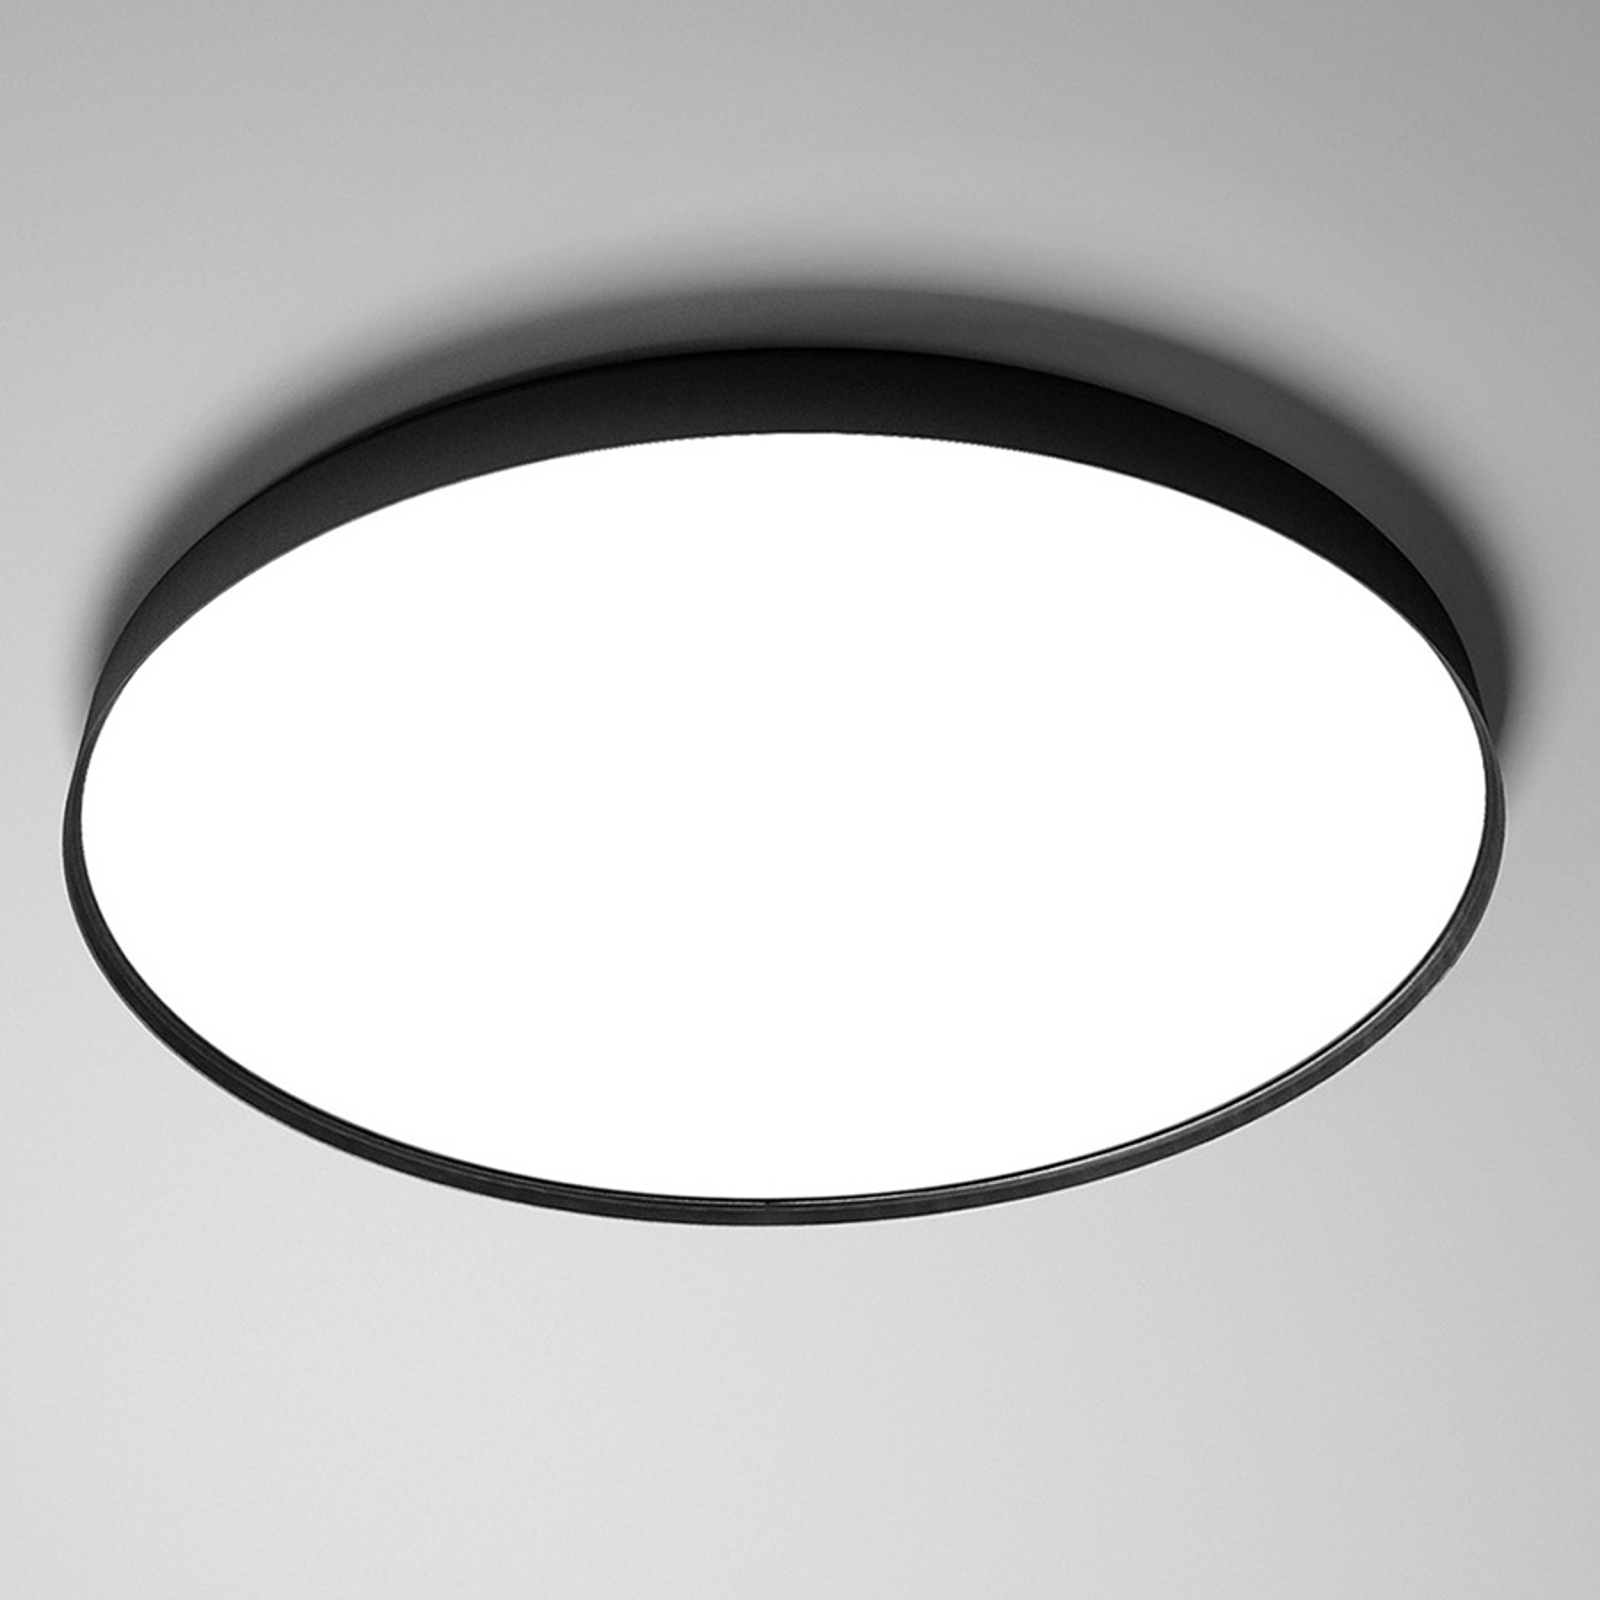 Luceplan Compendium Plate LED-Deckenlampe, schwarz